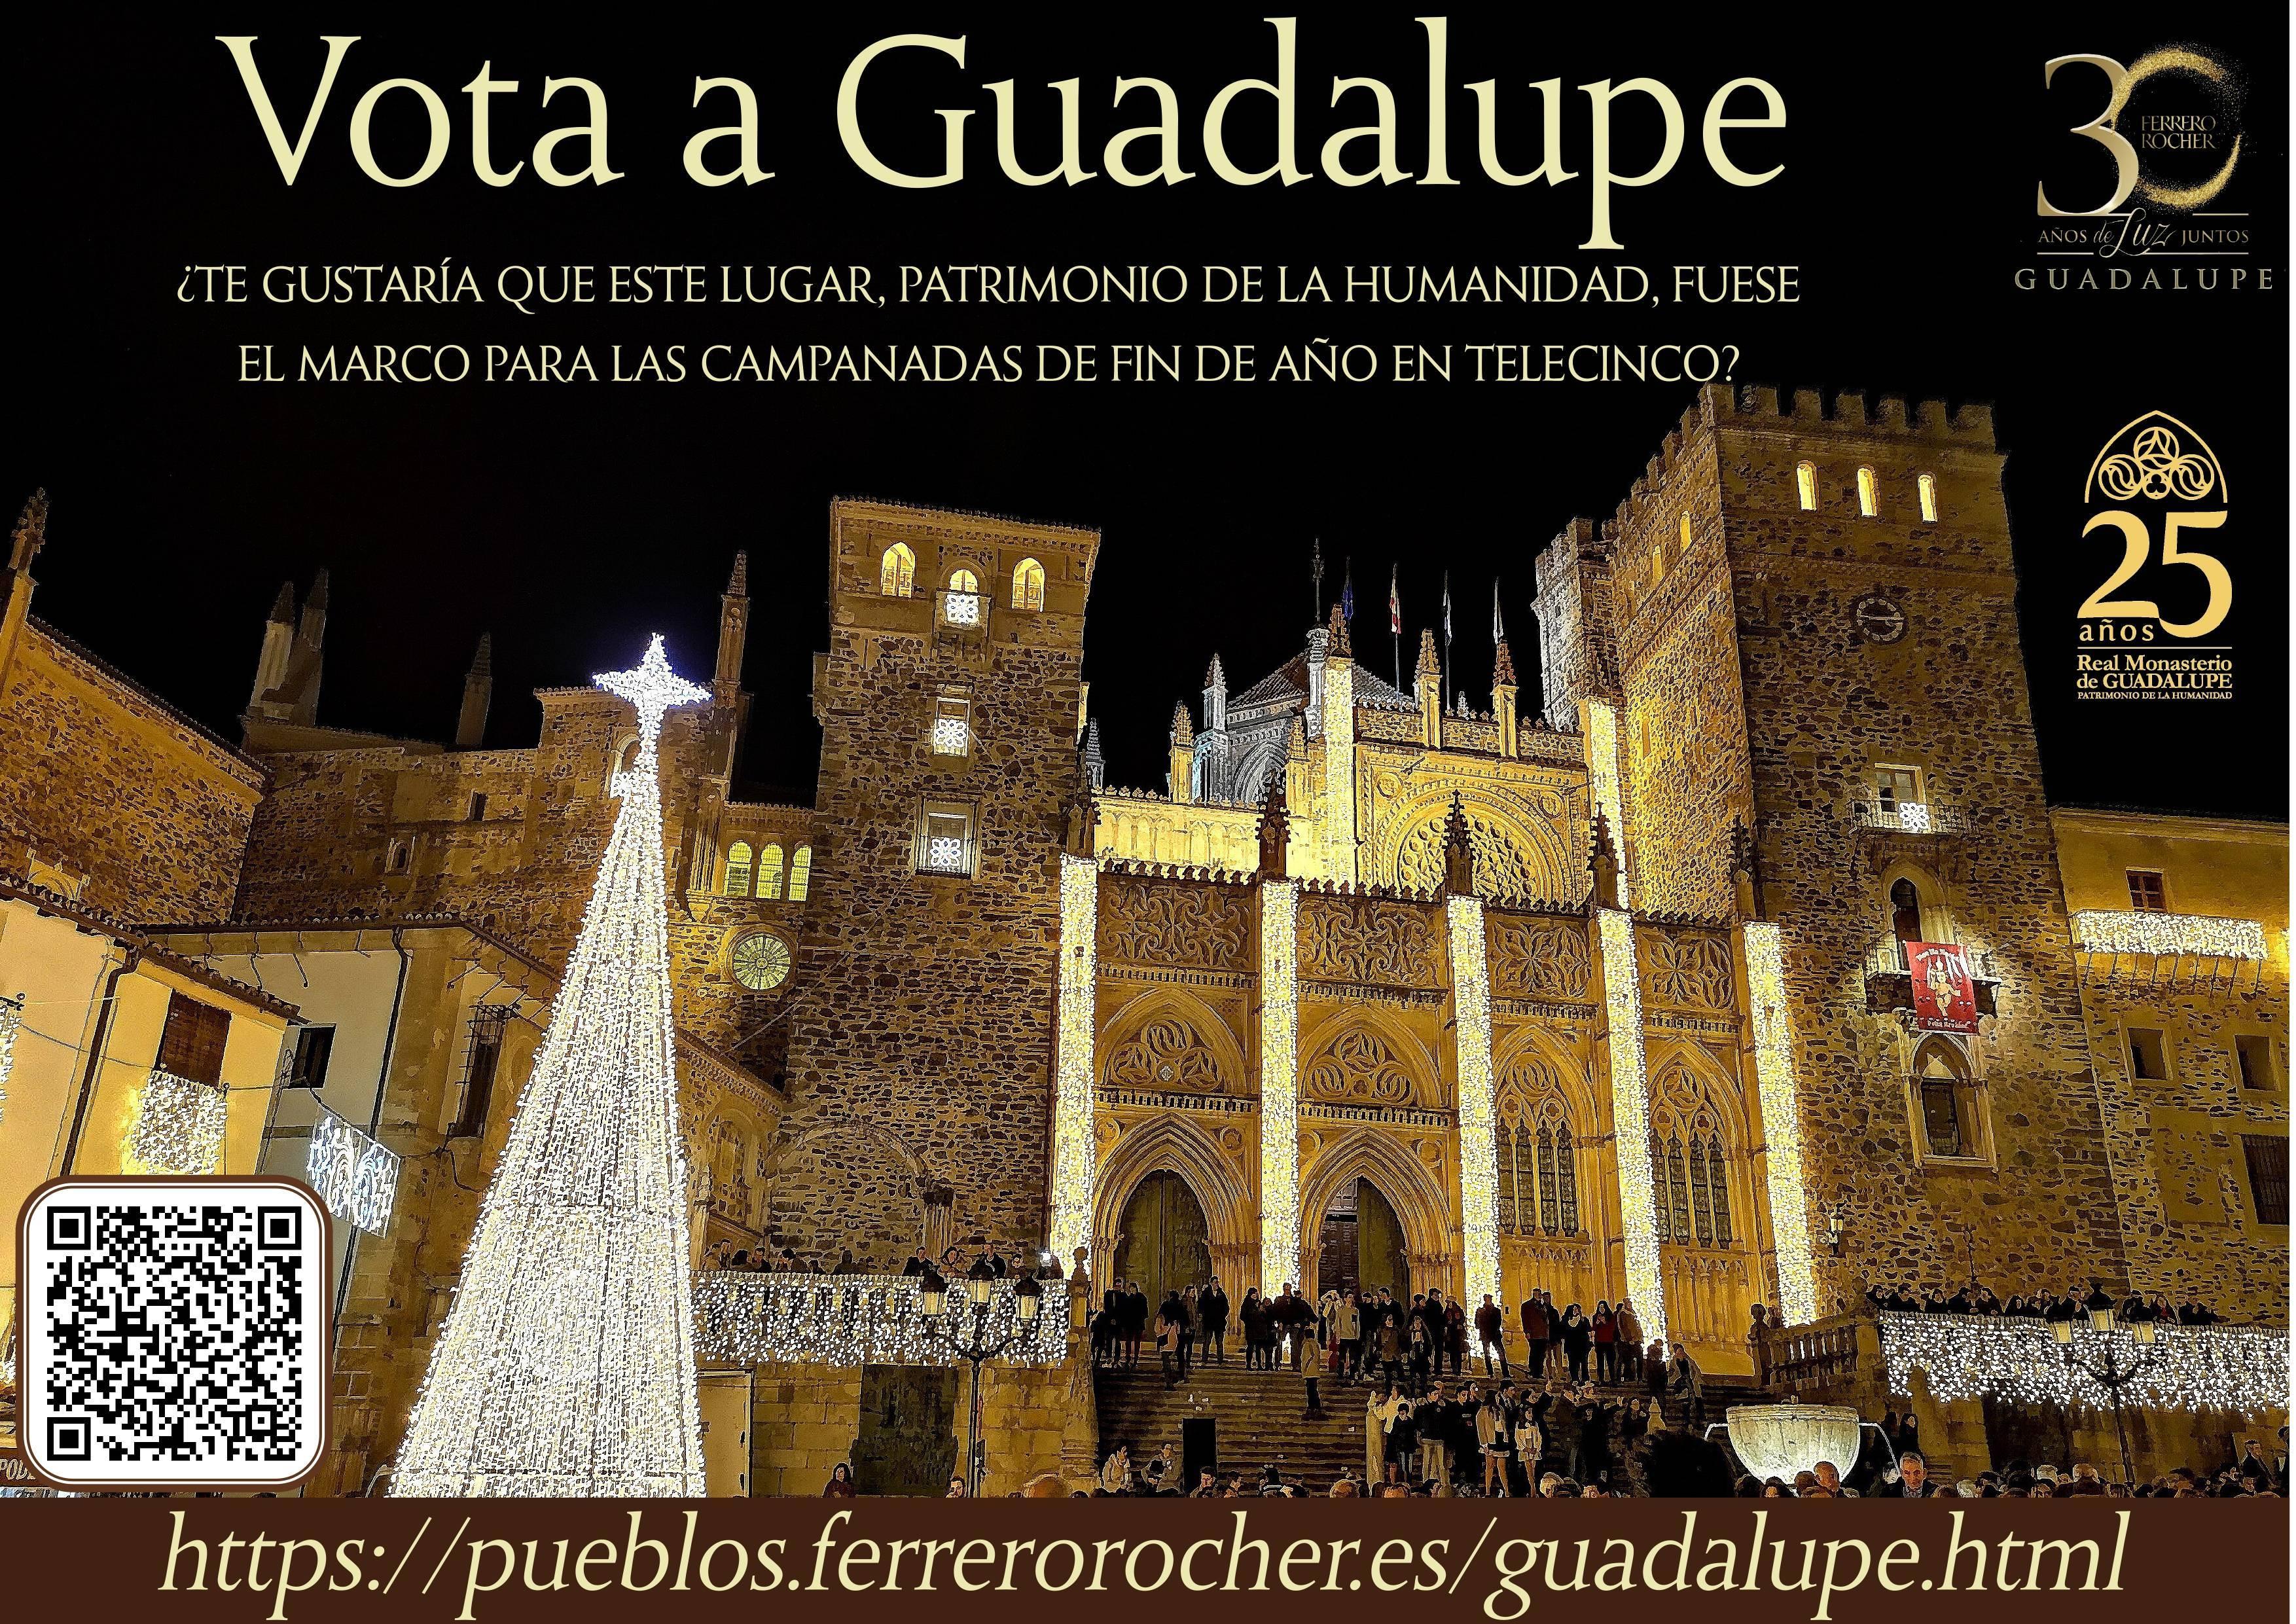 Telecinco podría dar en directo las campanadas de fin de año 2019 desde Guadalupe (Cáceres)